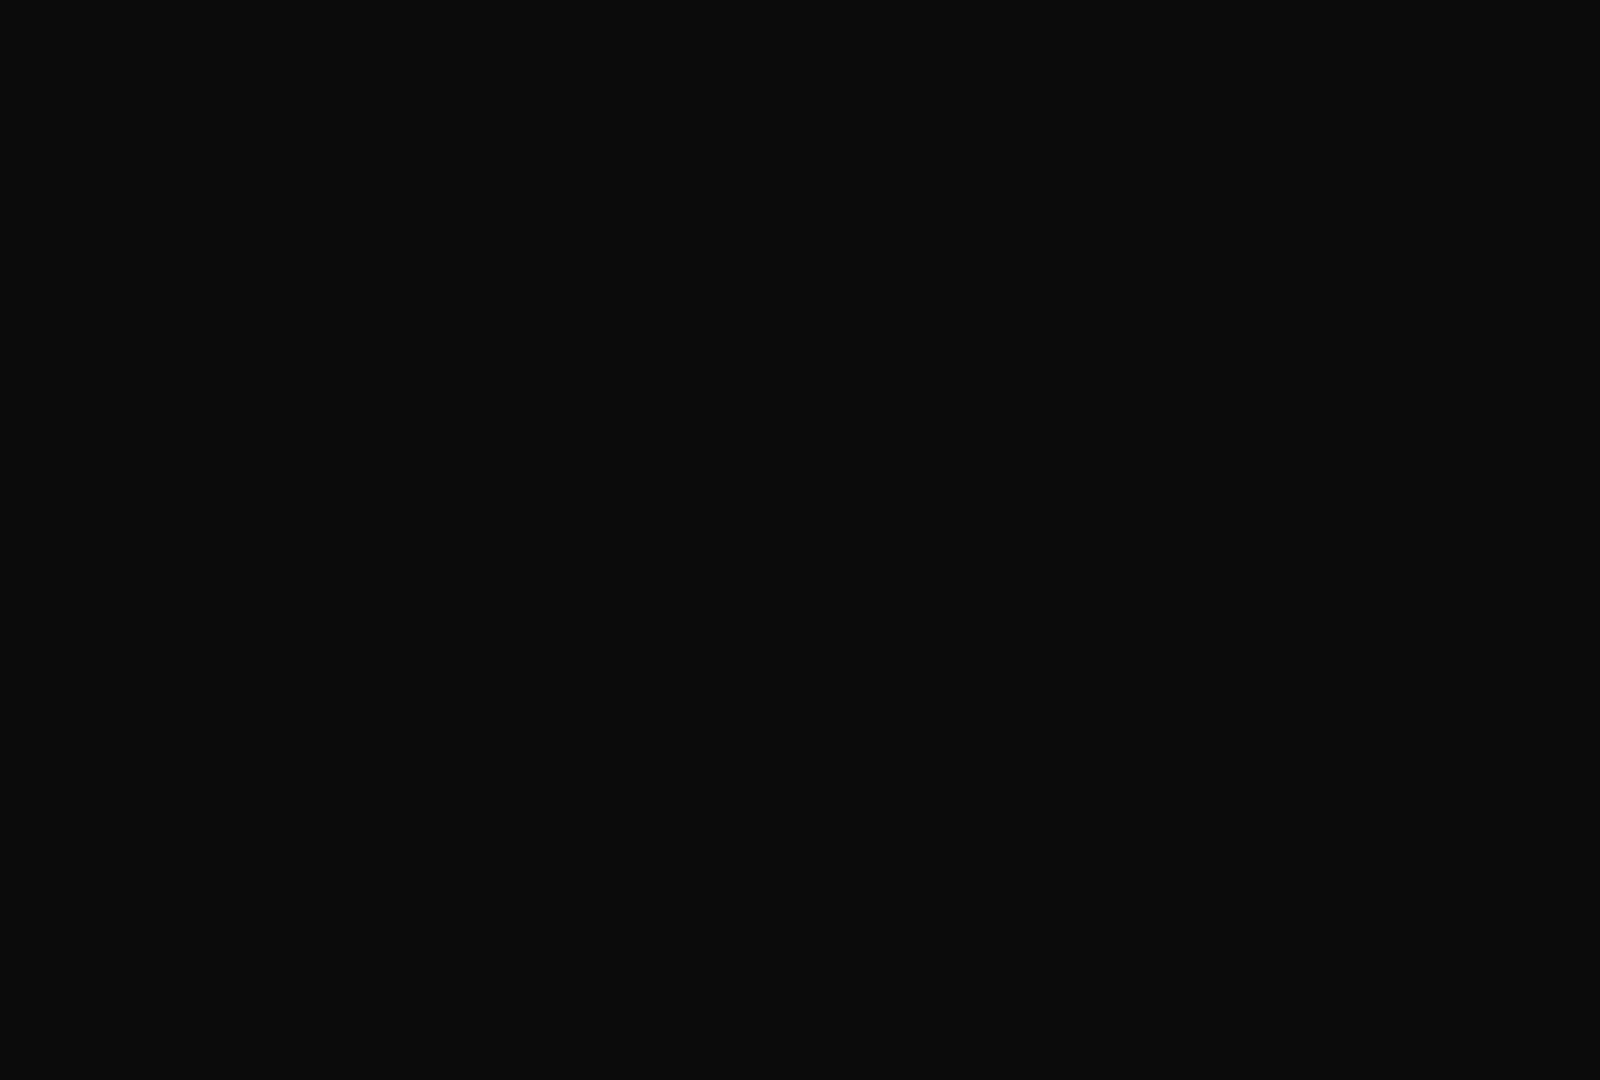 充血監督の深夜の運動会Vol.74 すけべなOL  98画像 45